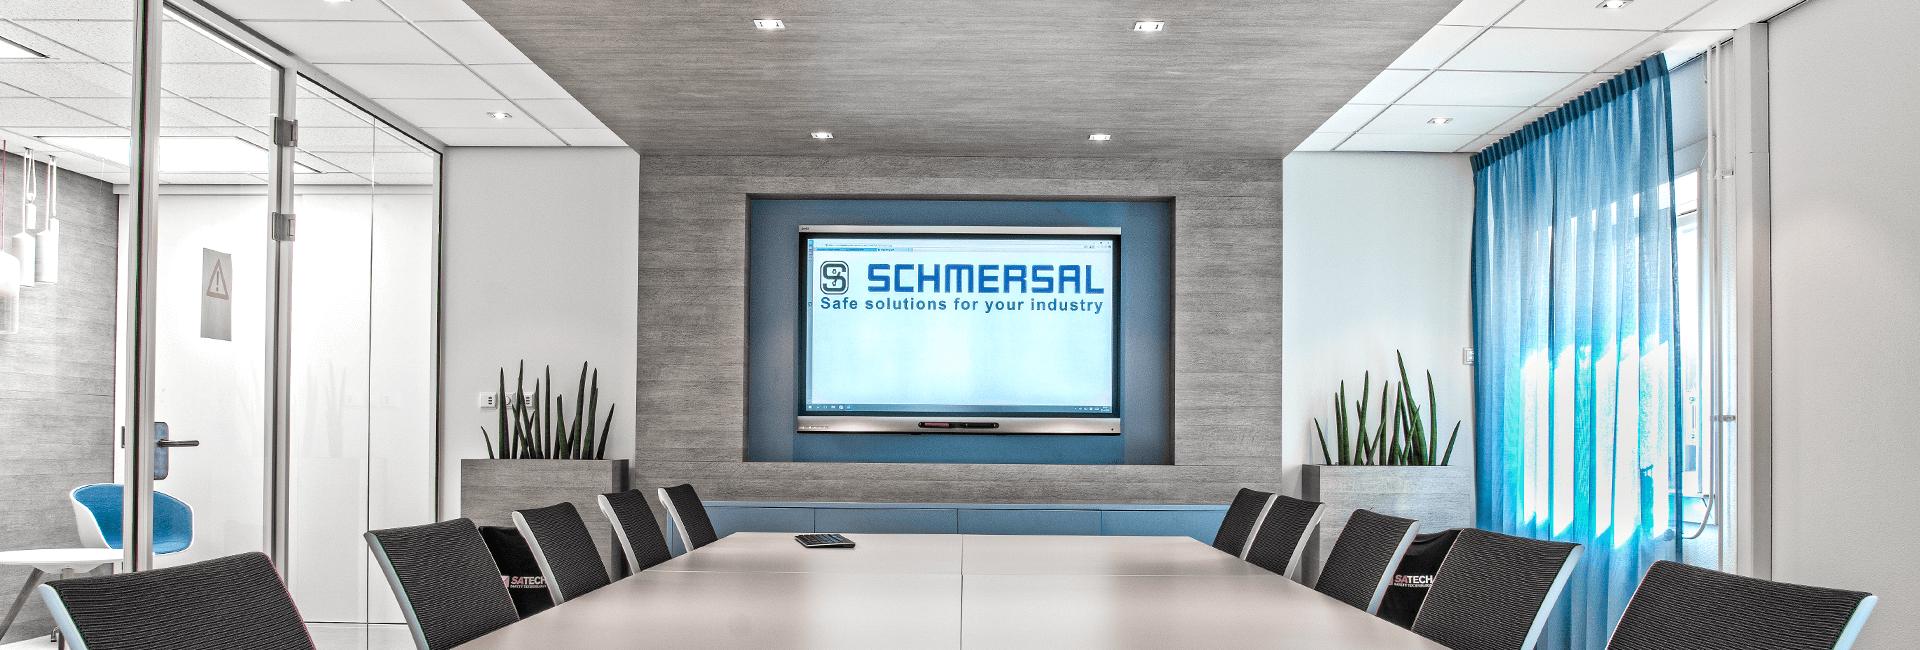 schmersal-nederland